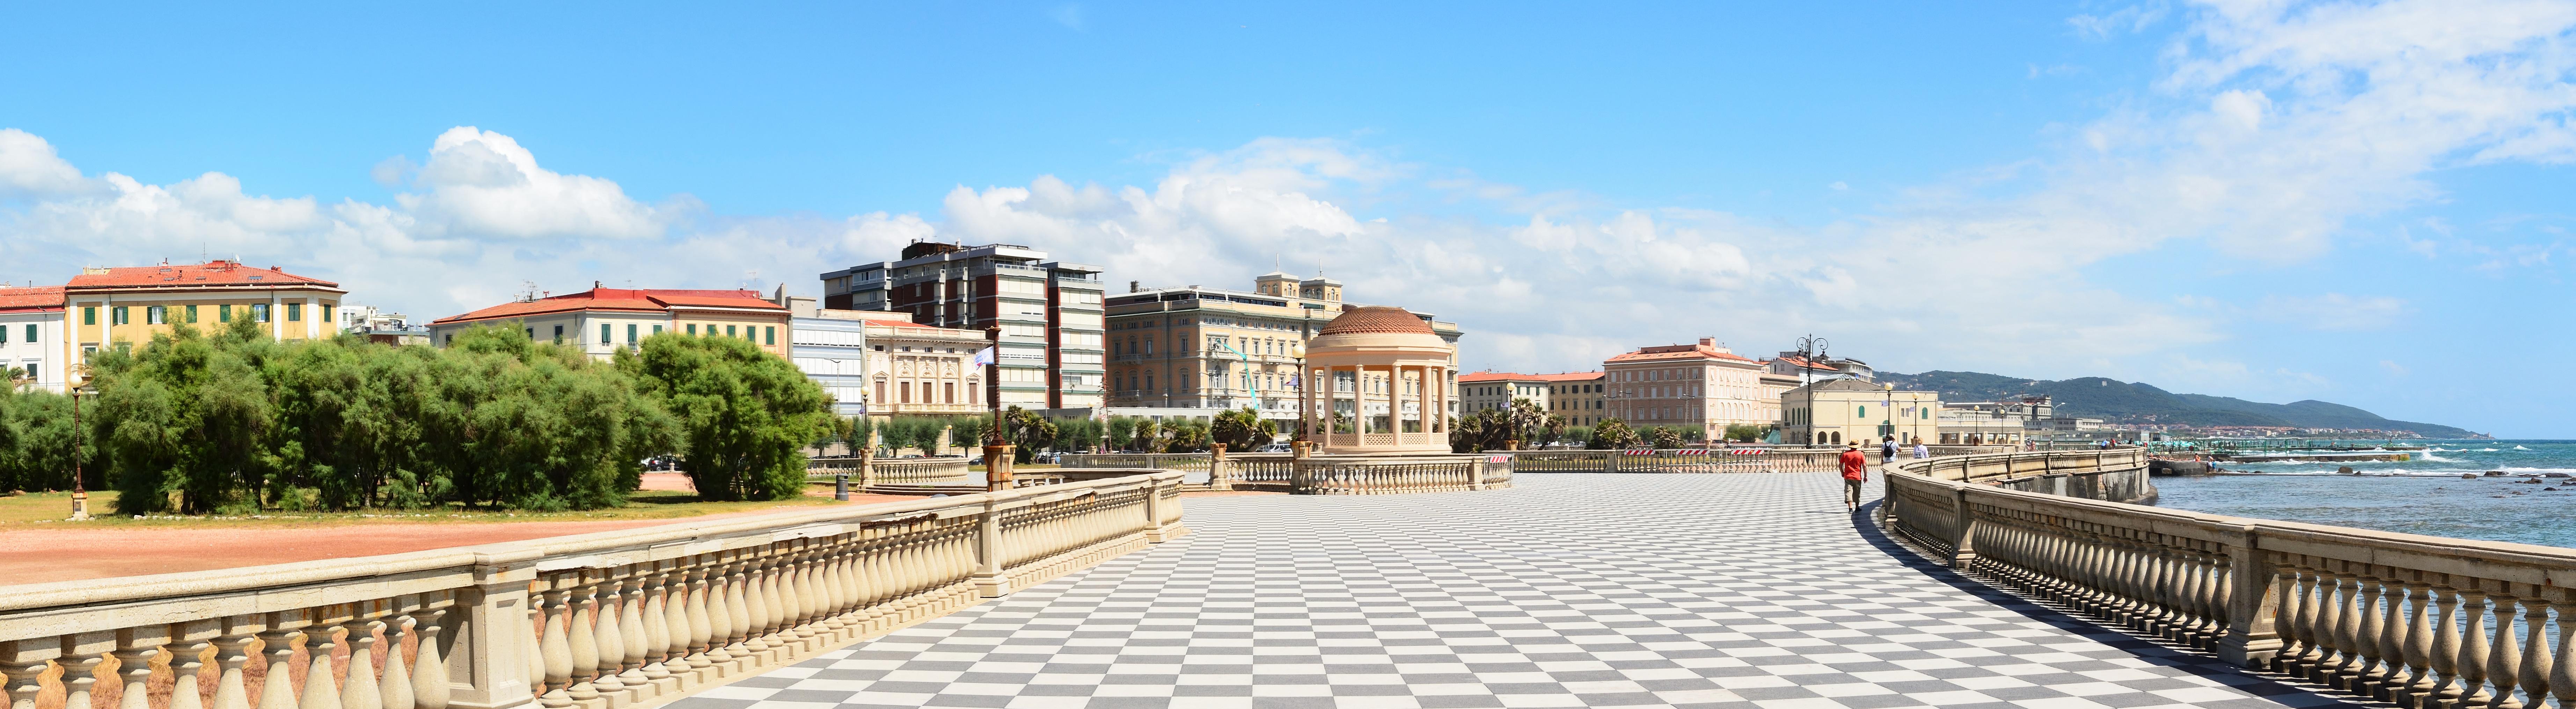 Livorno, Piazza Mascagni